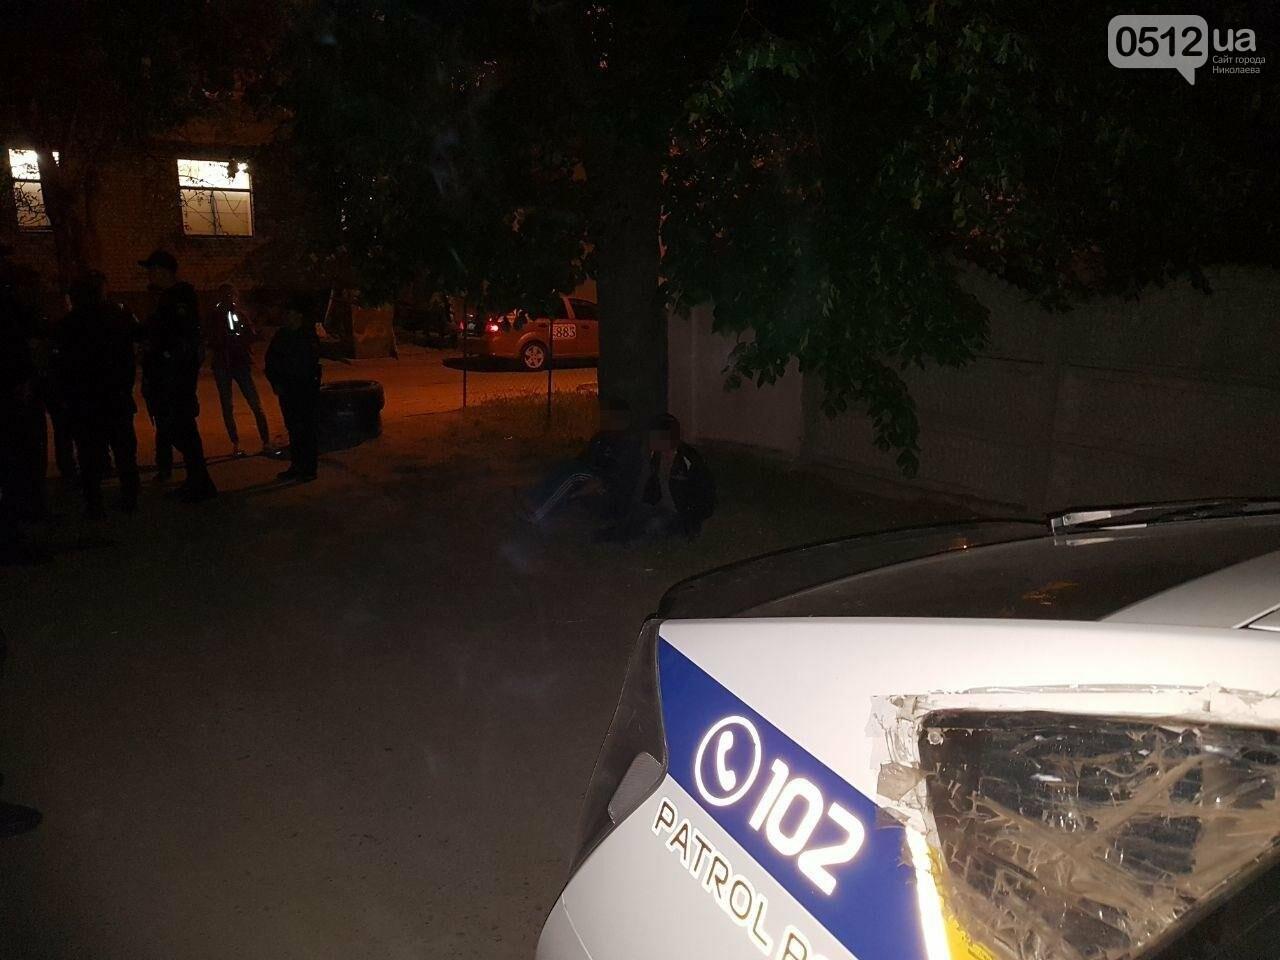 В Николаеве двое парней чуть не устроили поножовщину: патрульные подоспели вовремя, - ФОТО, фото-5